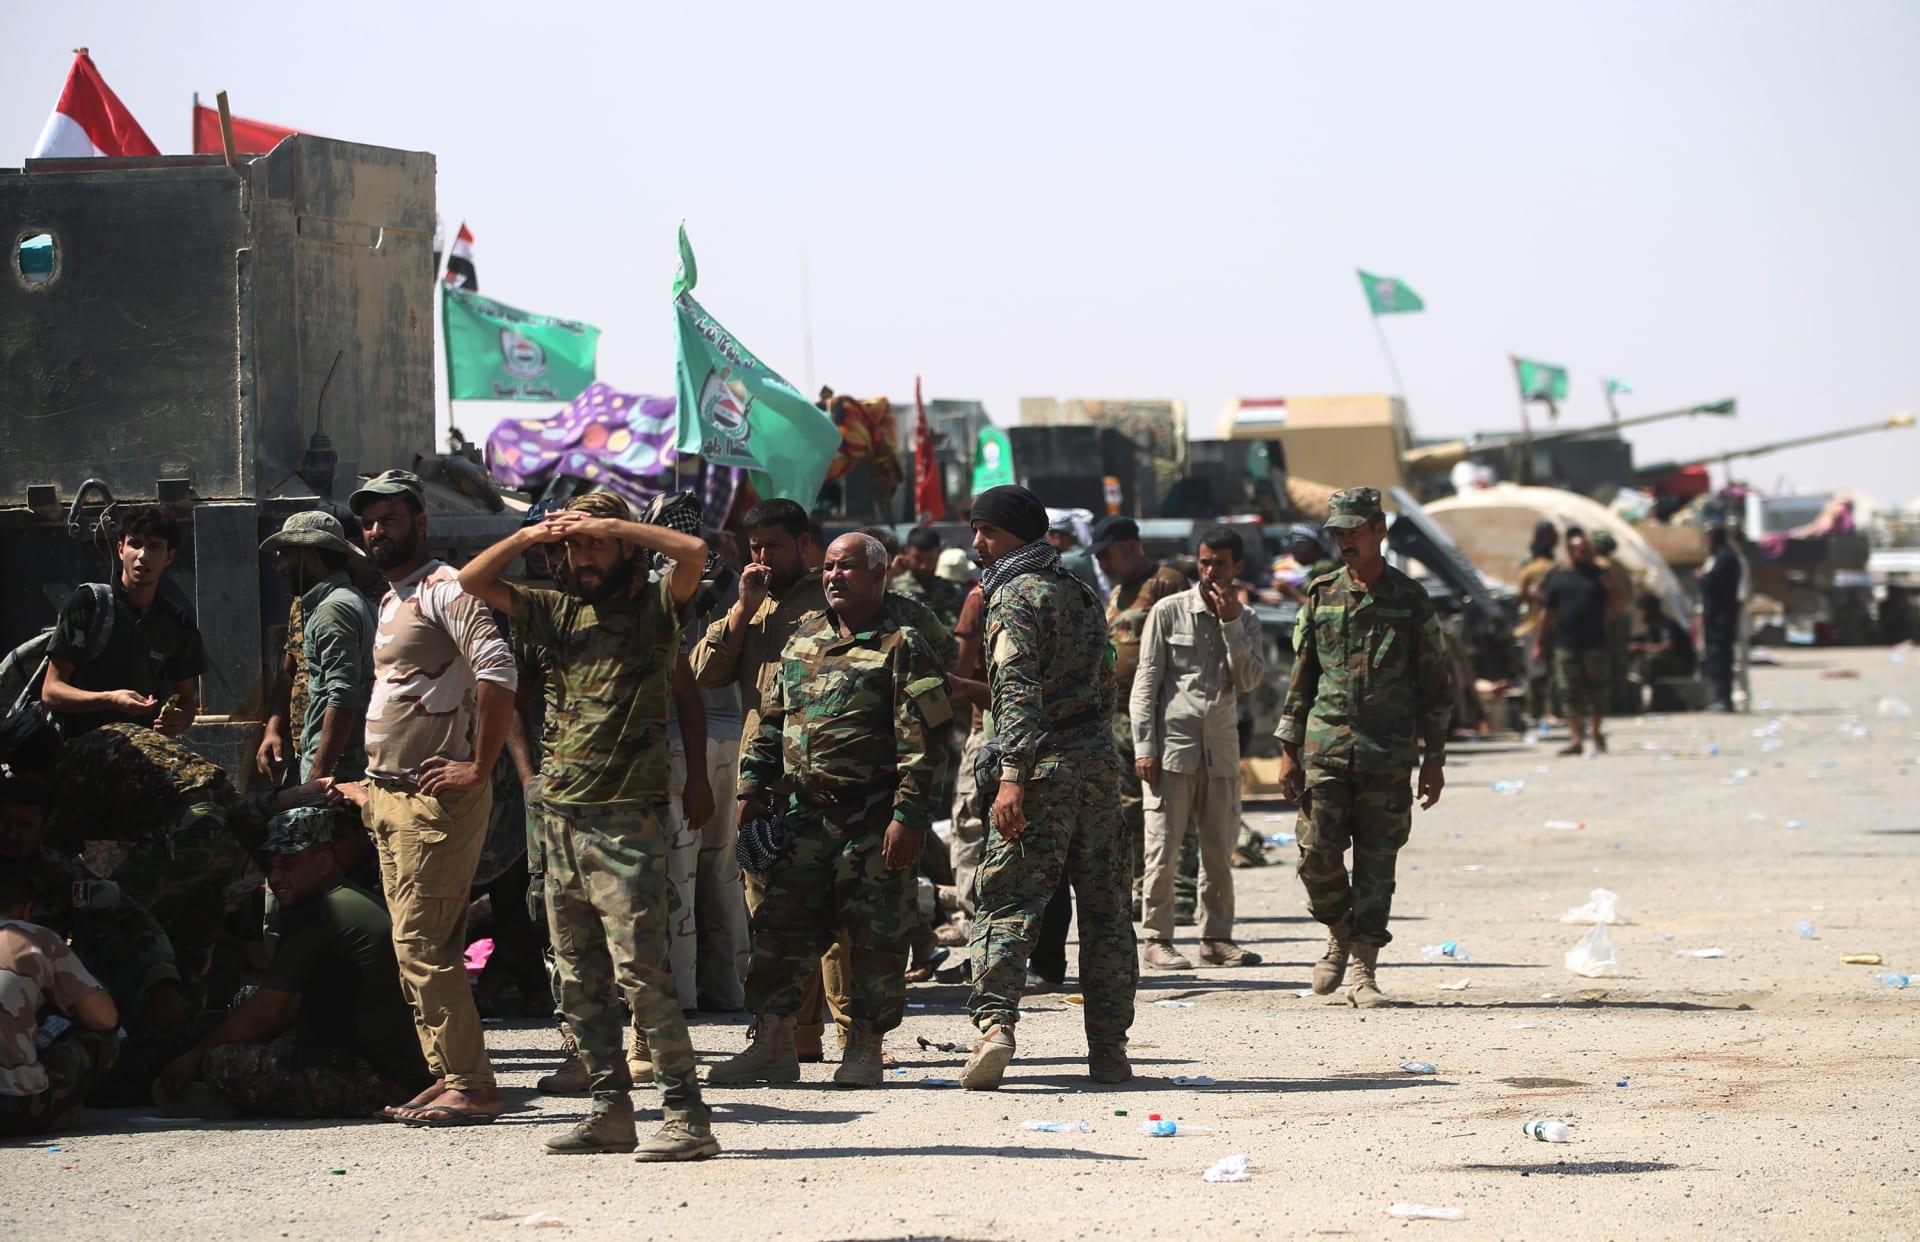 مجموعات من مقاتلي الحشد الشعبي في أحد المواقع العسكرية بالعراق